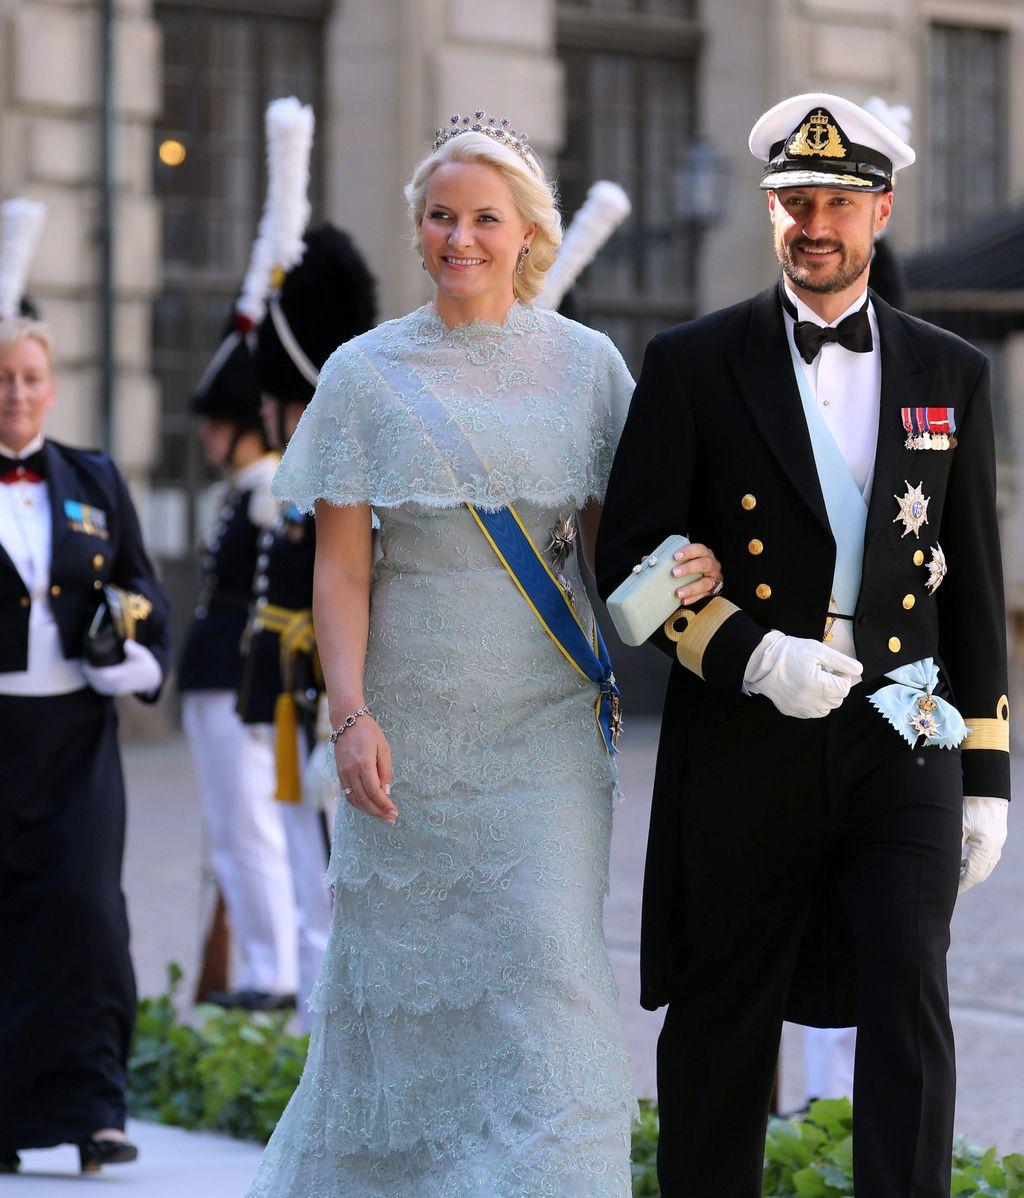 Mette-Marit de Noruega y el Príncipe Haakon